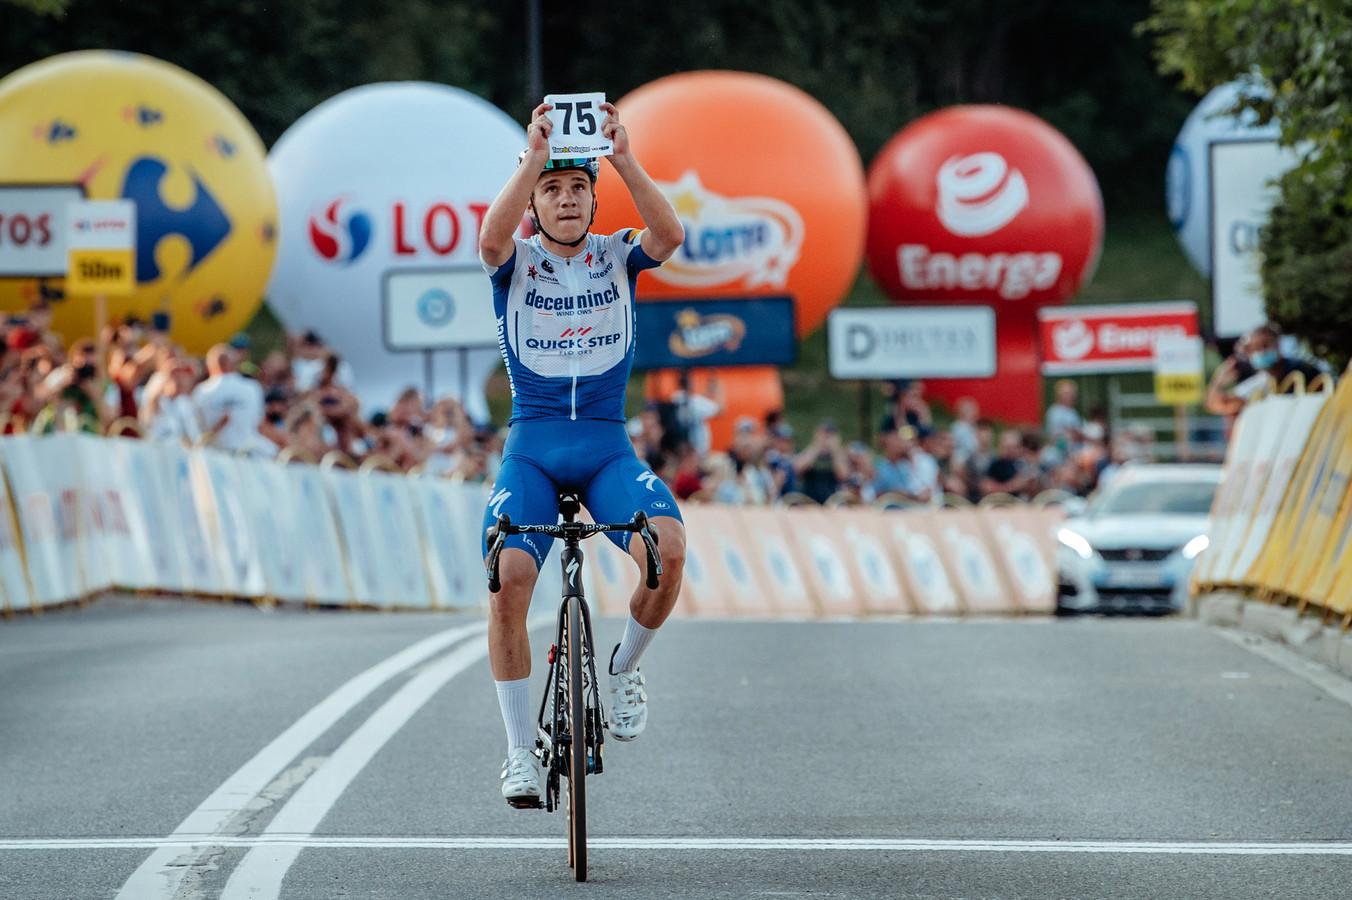 Remco Evenepoel tijdens de Ronde van Polen vorig jaar, met het nummer 75 van Fabio Jakobsen.